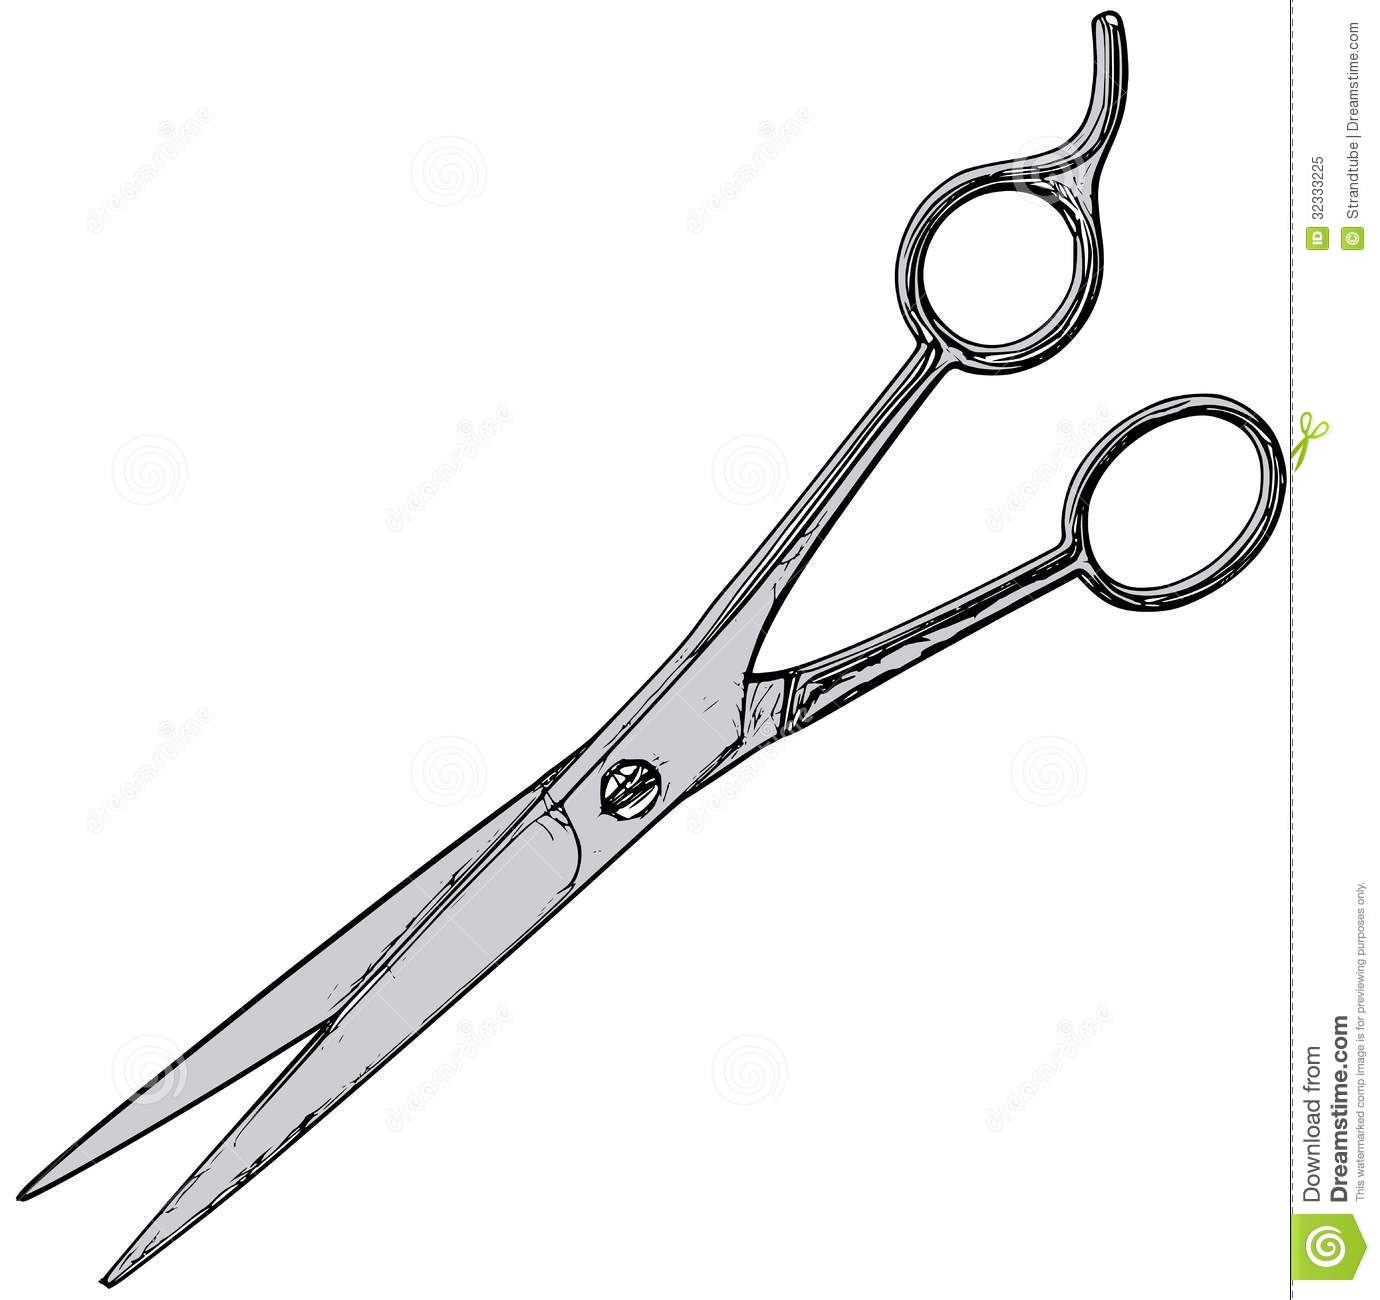 1380x1300 Hair Cutting Shears Clipart